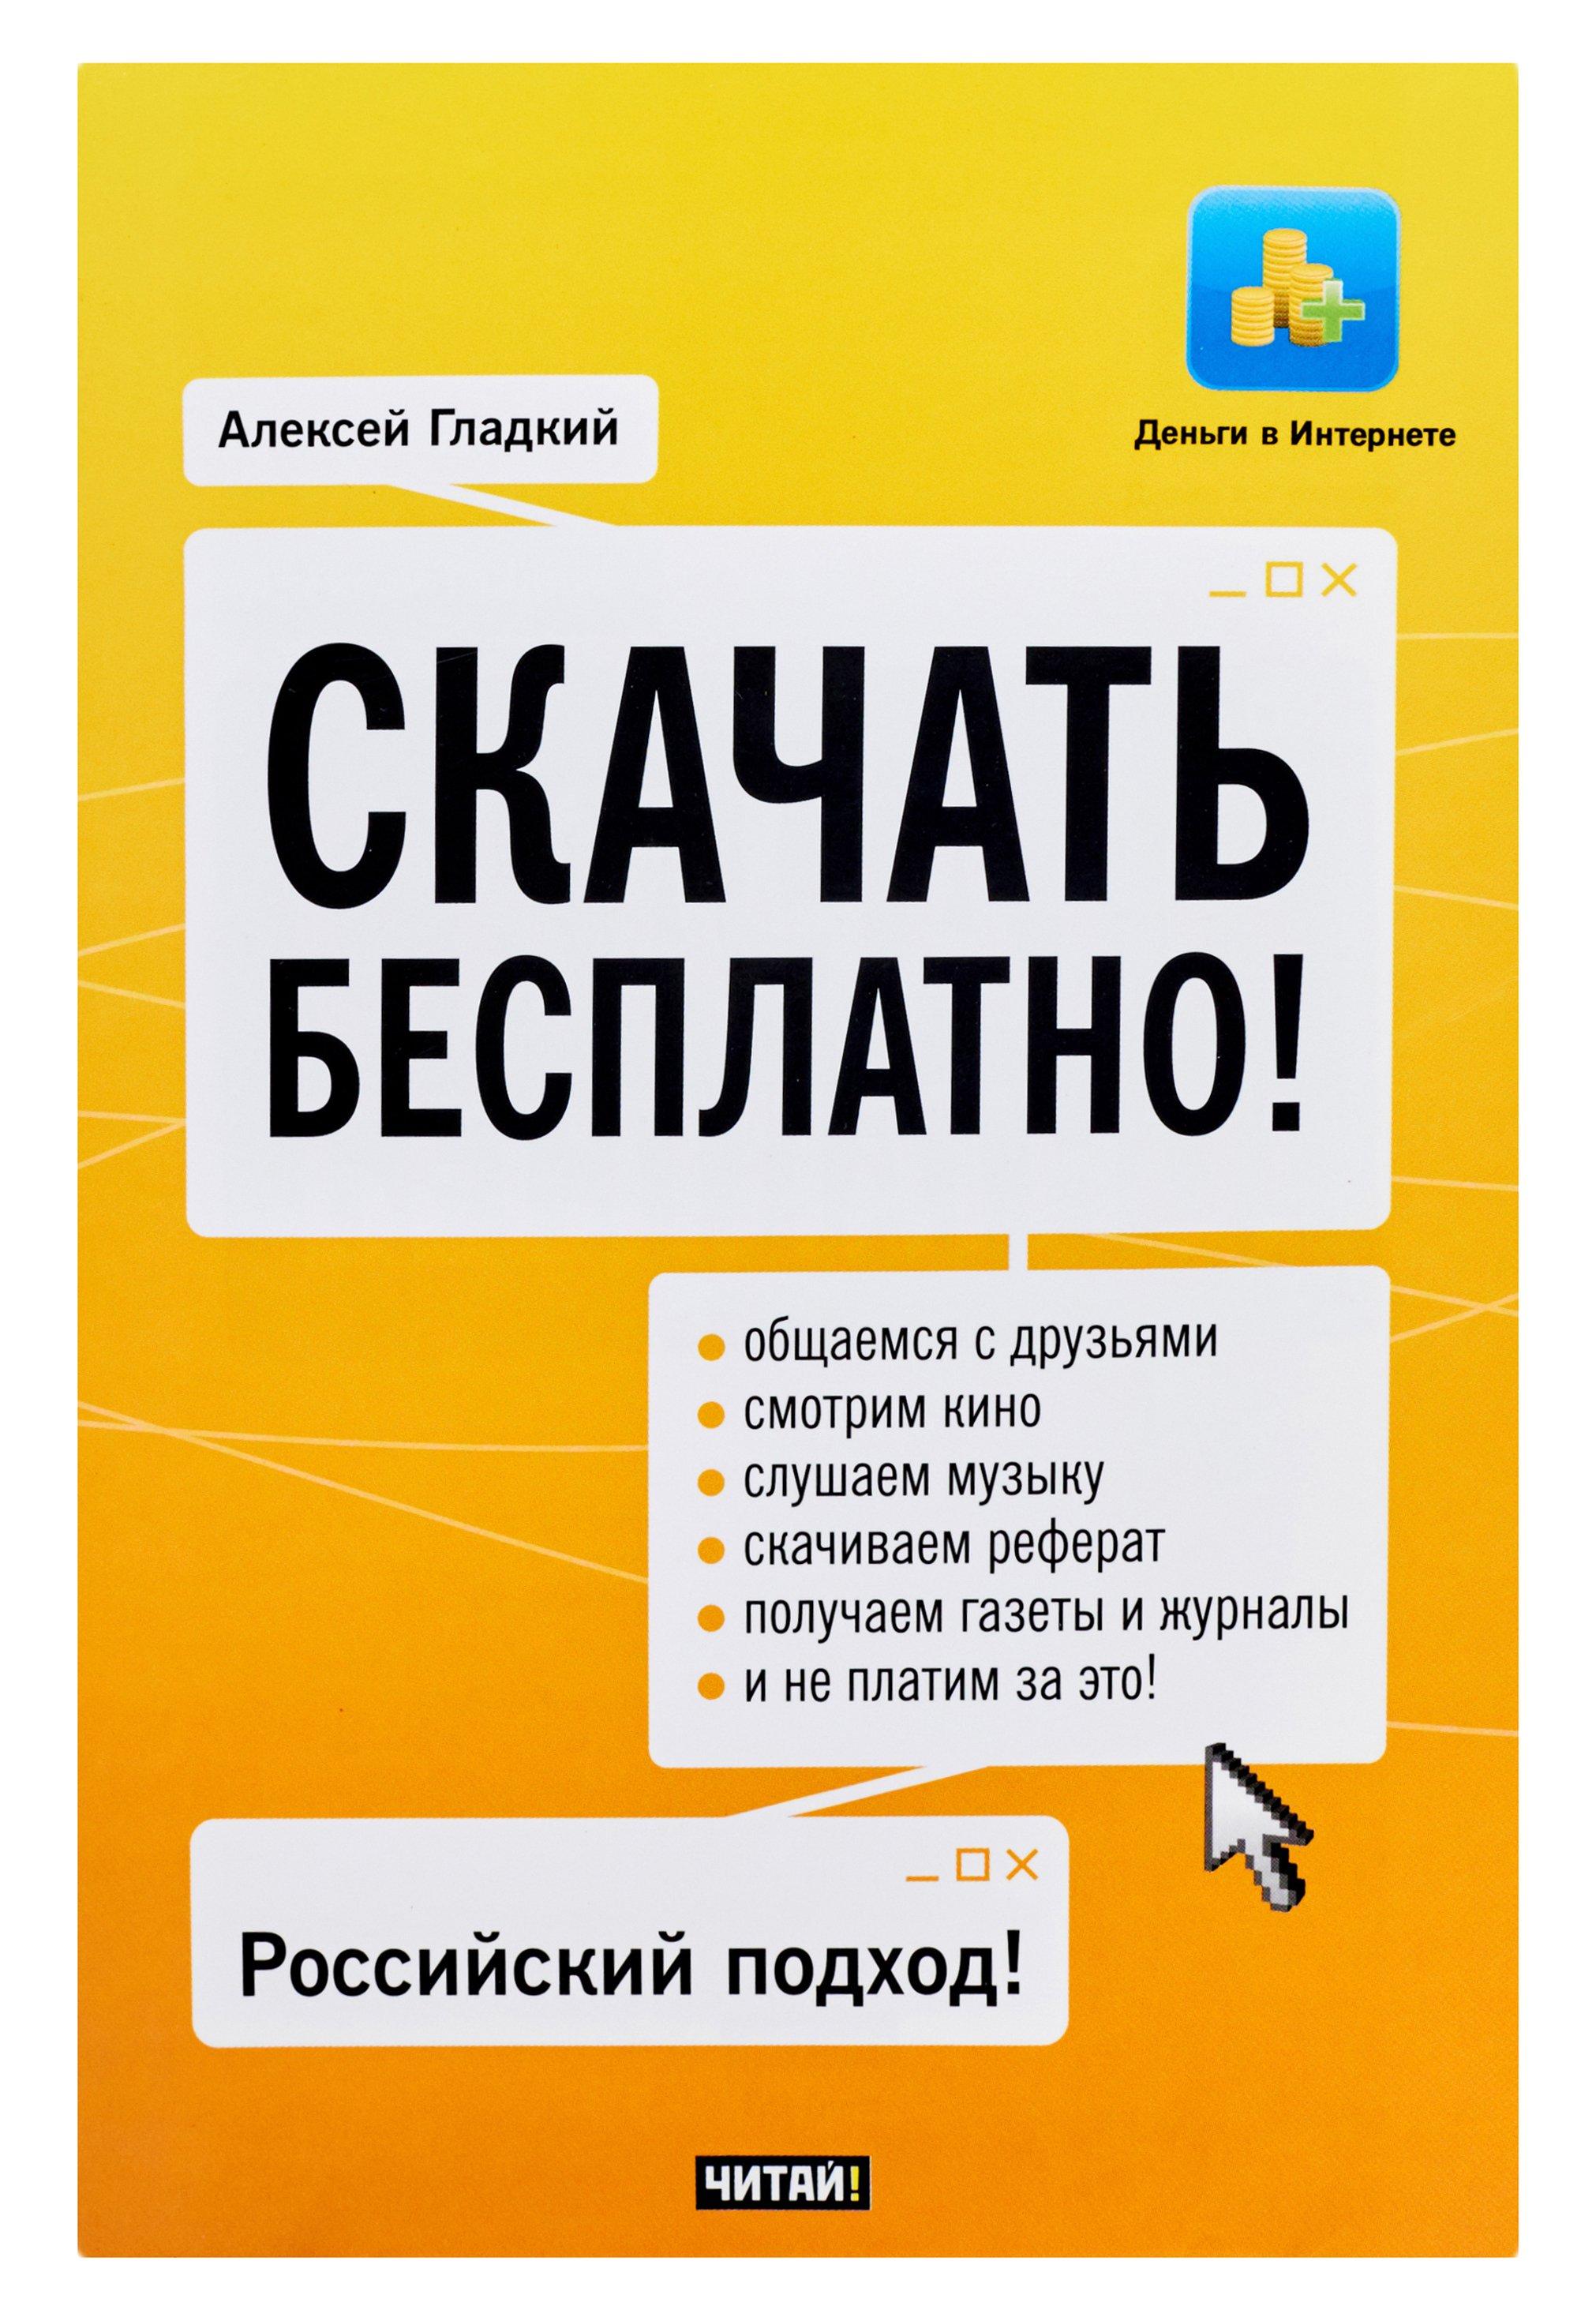 книга еноха читать скачать бесплатно